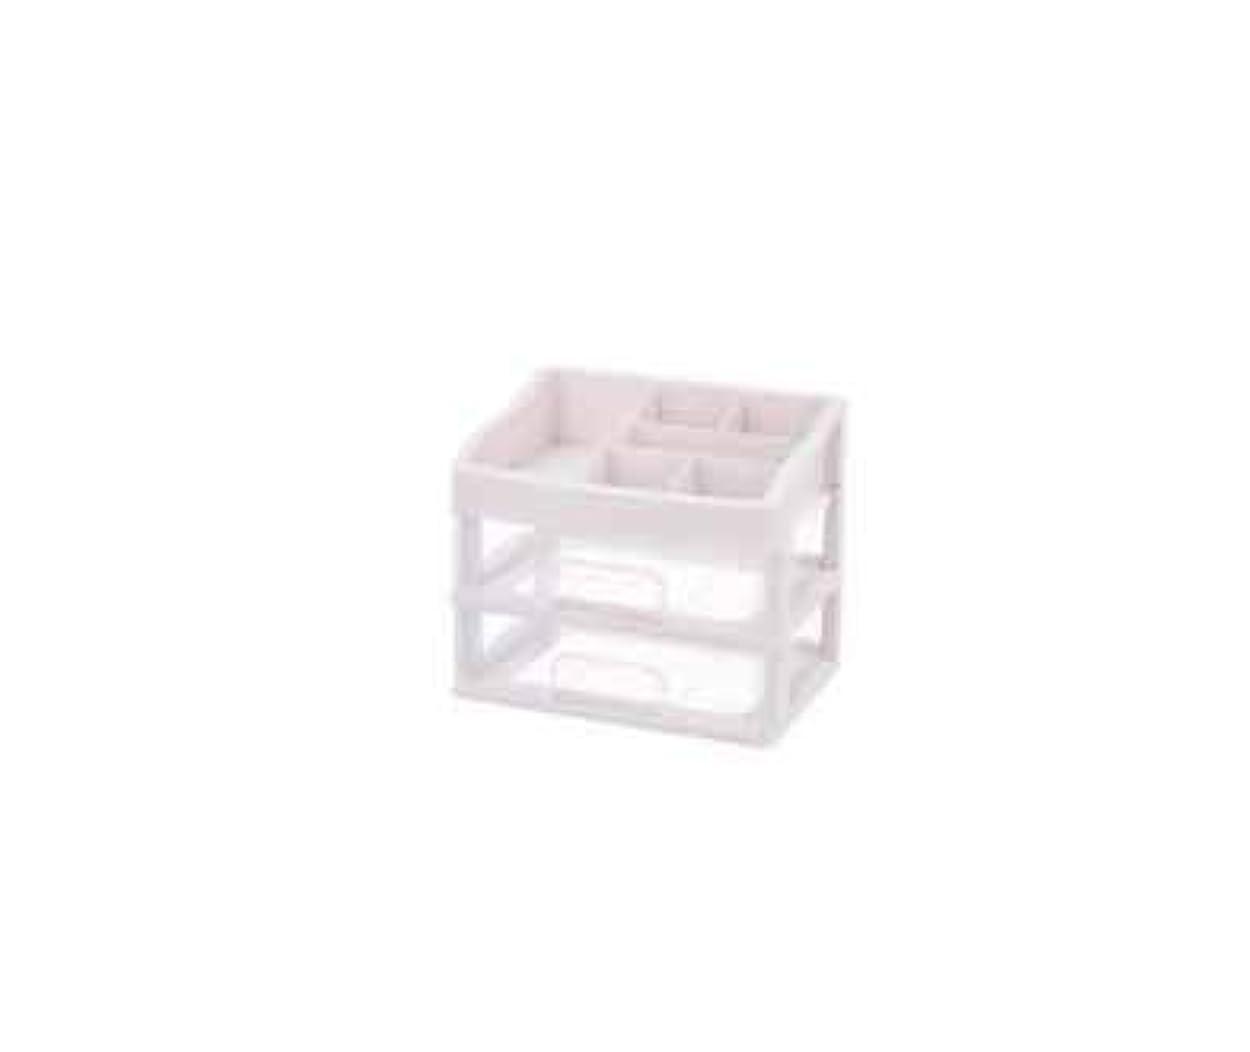 決定玉ねぎ署名化粧品収納ボックス透明引き出しタイプデスクトップ収納ラック化粧台化粧品ケーススキンケア用品 (Size : M)